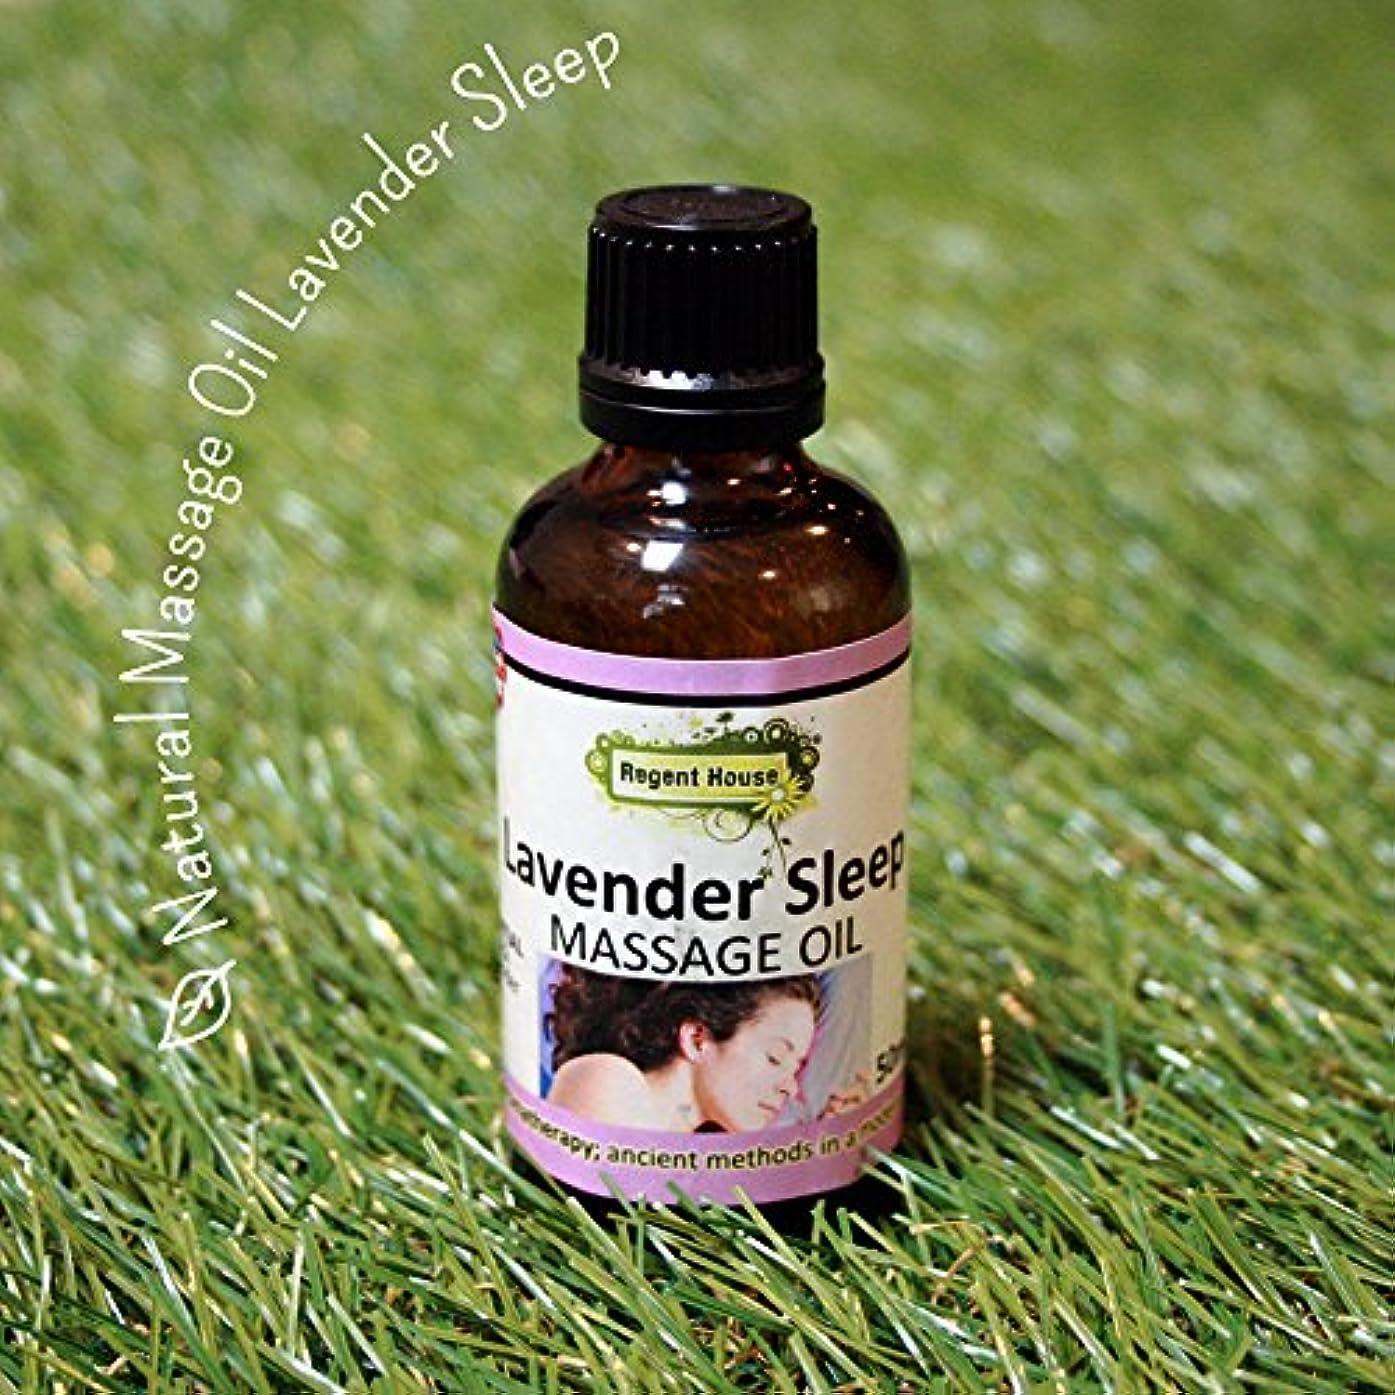 八百屋さんそれ名門フランス産のオーガニックラベンダーのみの、贅沢オイル。 アロマ ナチュラル マッサージオイル 50ml ラベンダースリープ(Aroma Massage Oil Lavender Sleep)